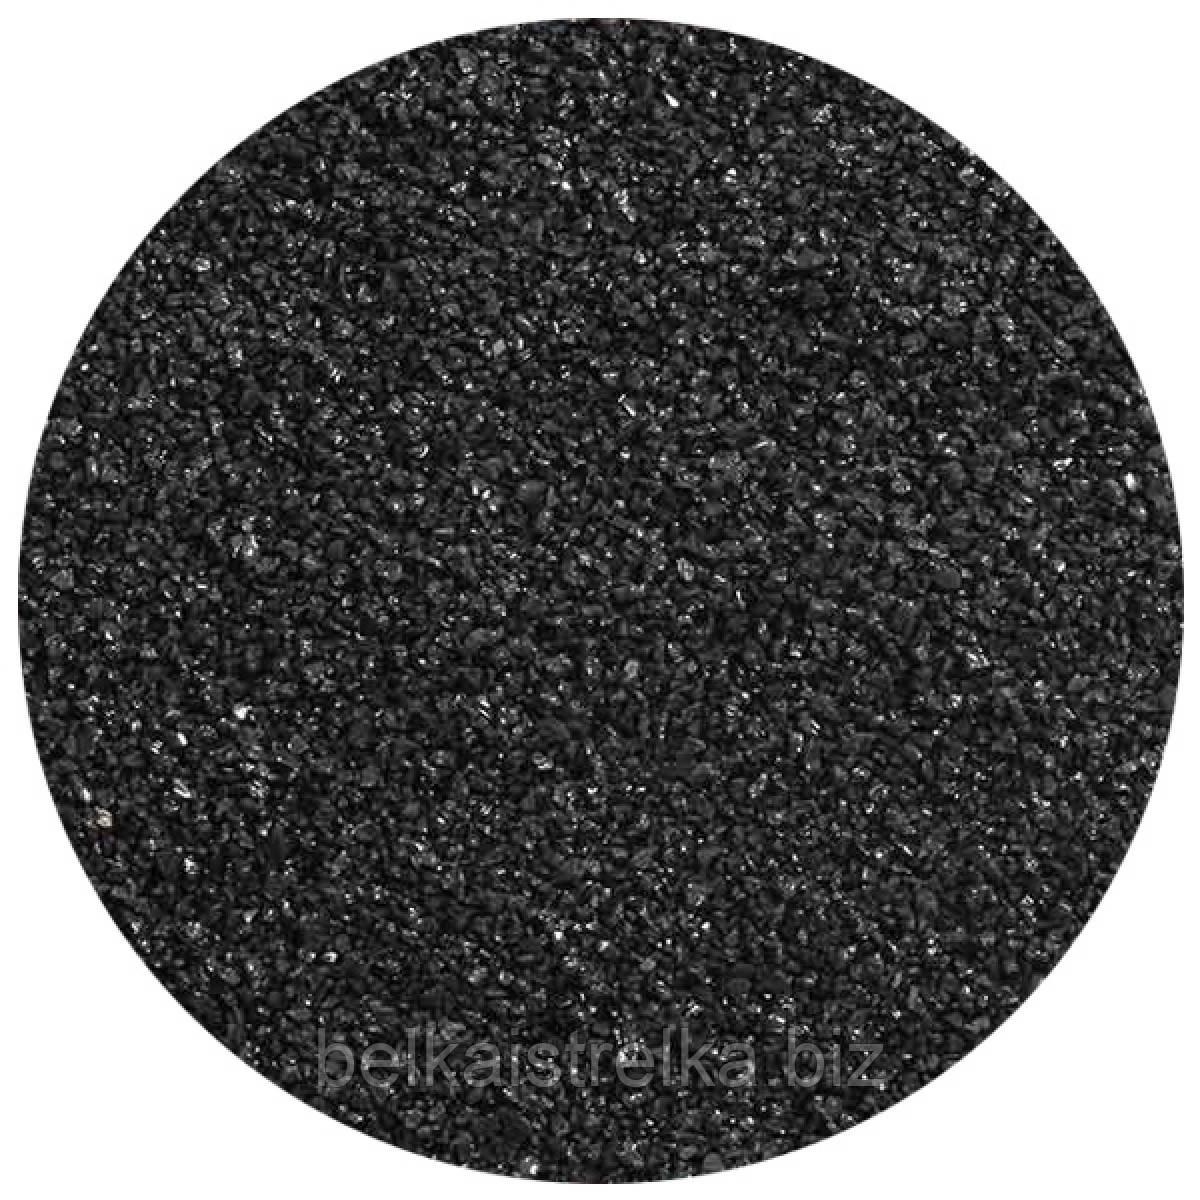 Грунт натуральний Чорний пісок 1-2 мм 1 кг